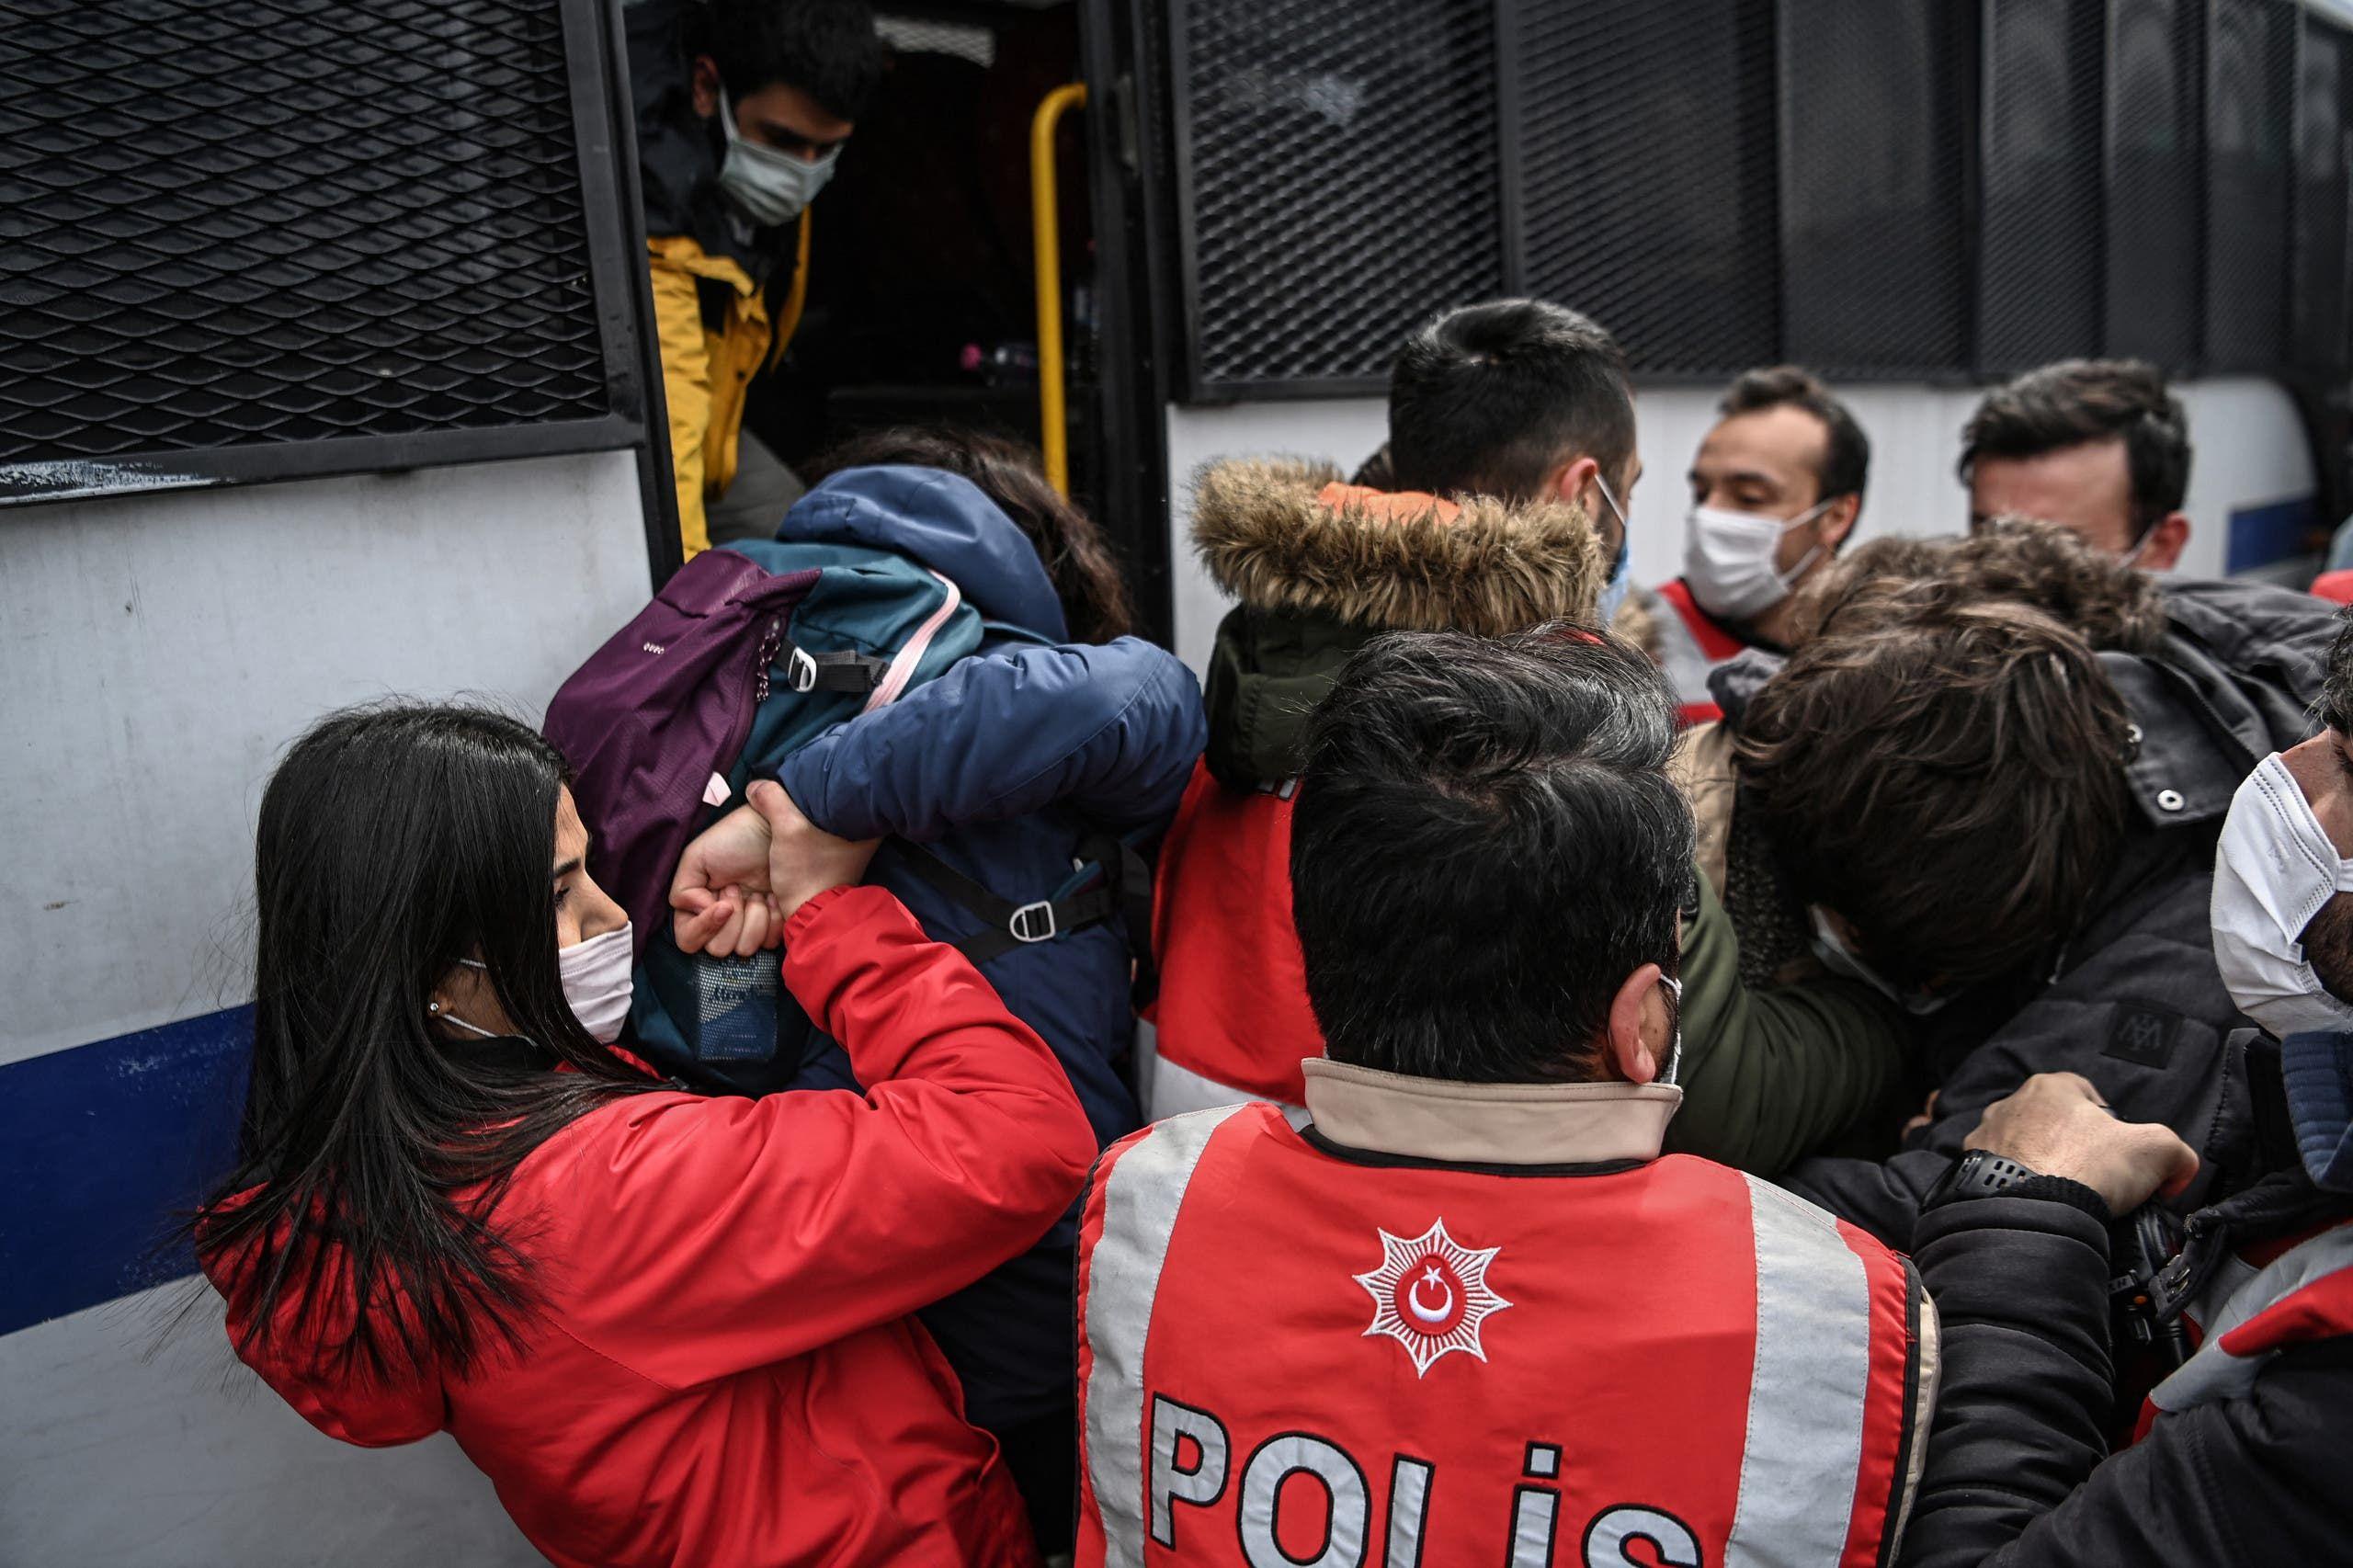 الأمن التركي يعتقل متظاهرين في إسطنبول في مارس الماضي خلال تظاهرة ضد تعيين عميد جامعة مقرب من أردوغان